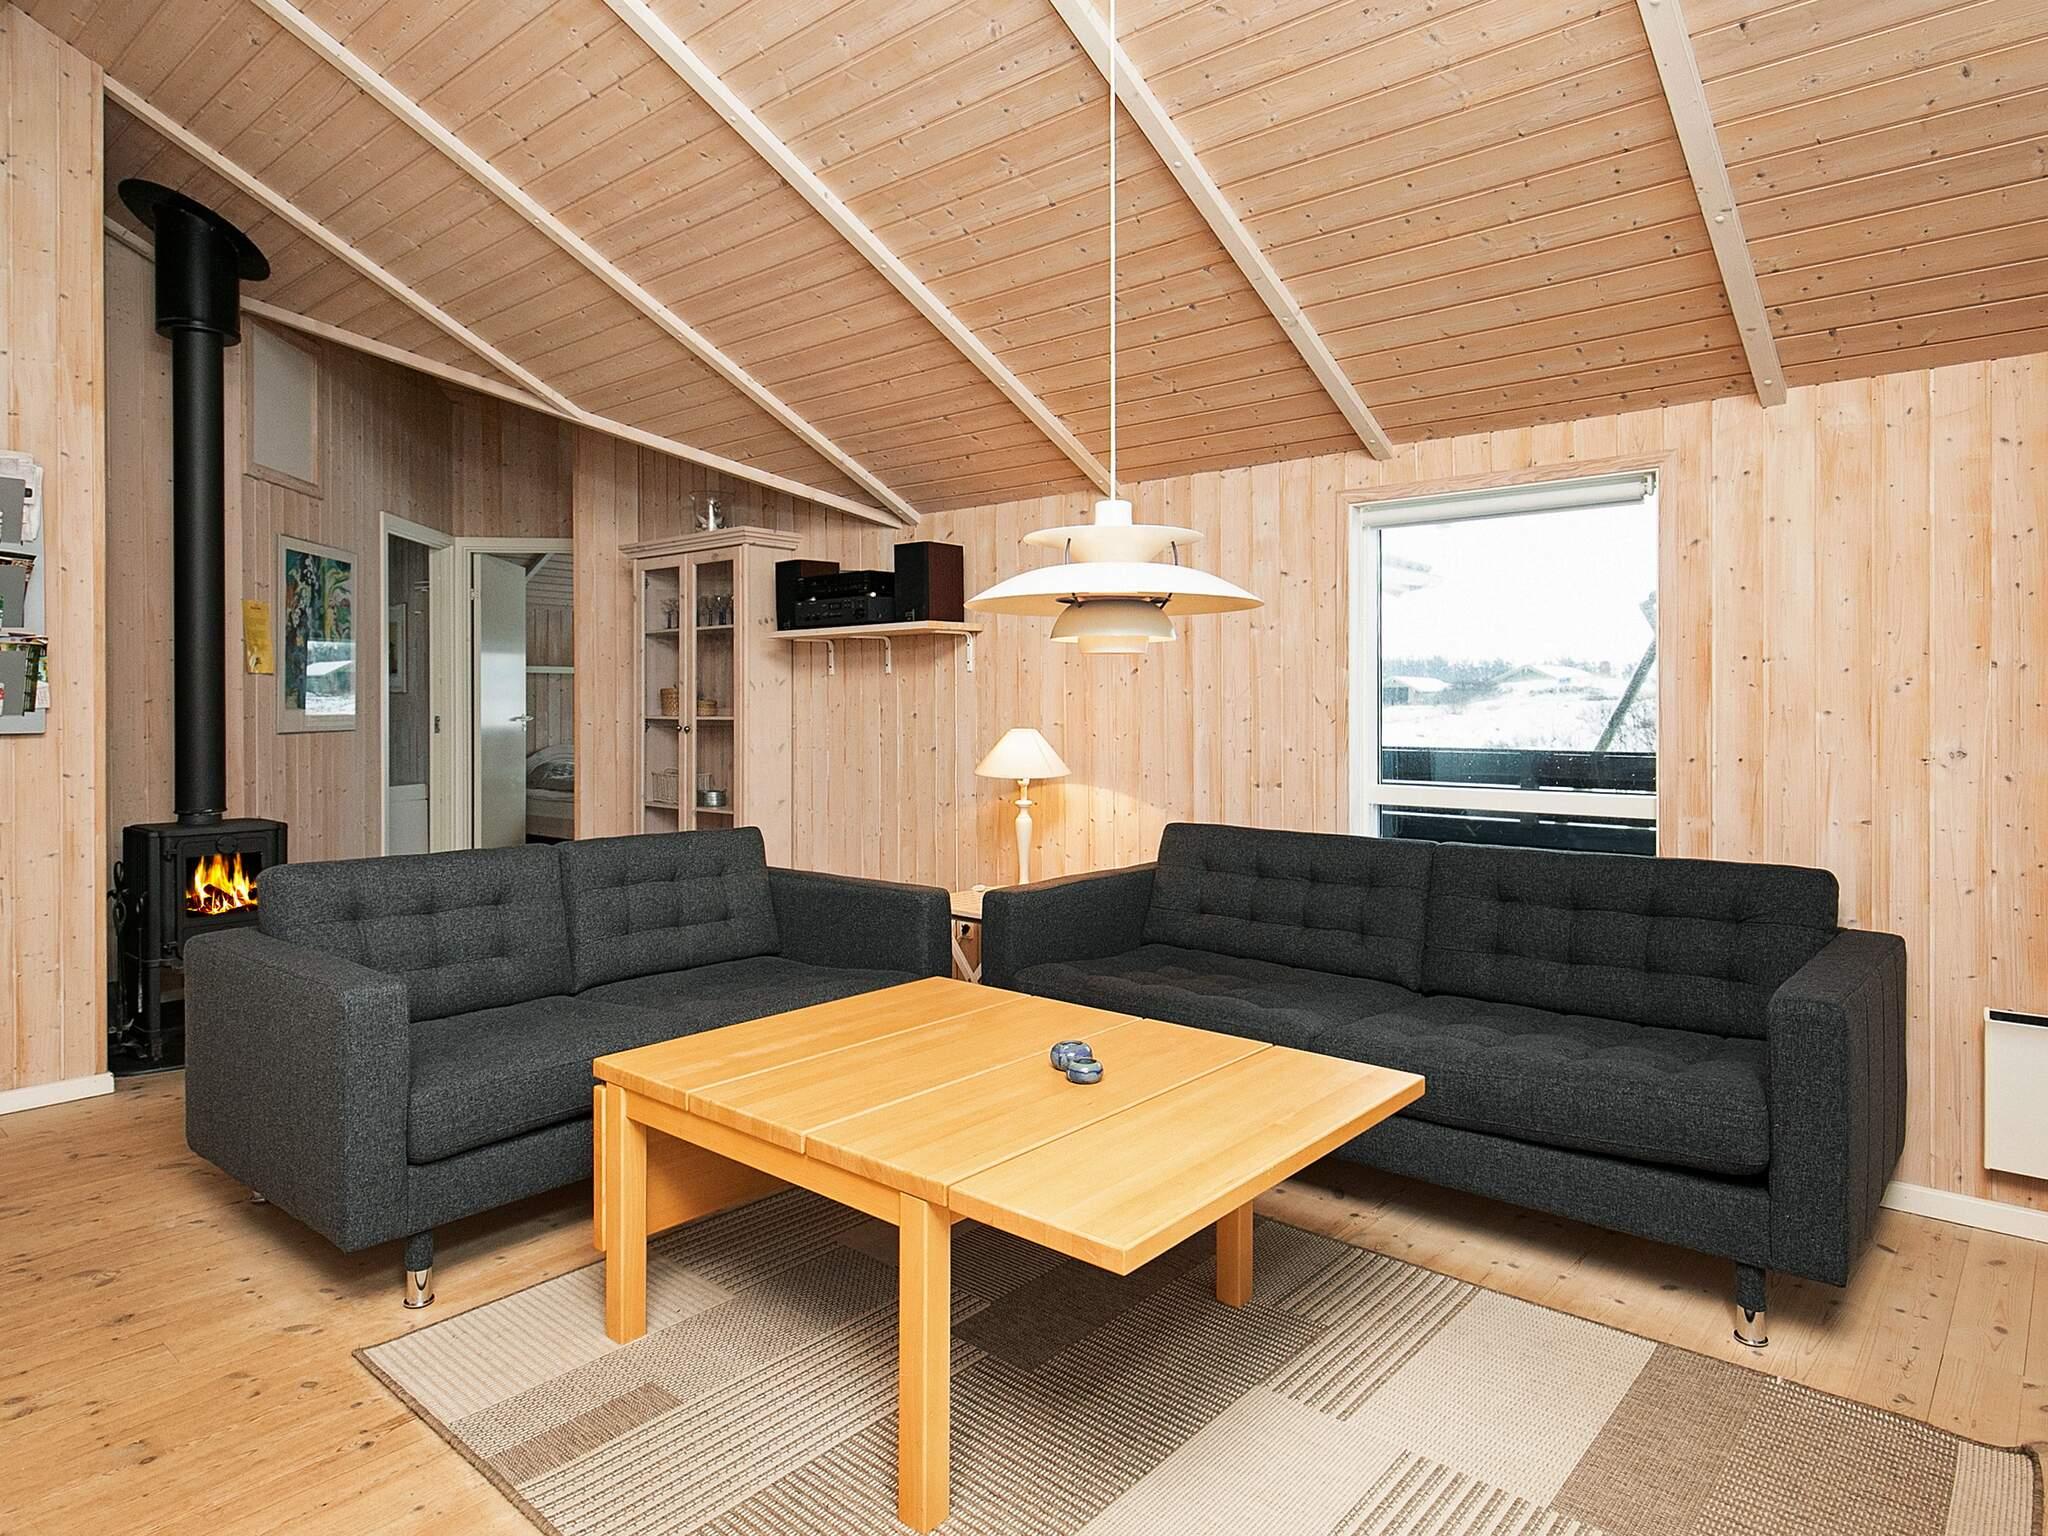 Ferienhaus Løkken (84530), Løkken, , Nordwestjütland, Dänemark, Bild 2